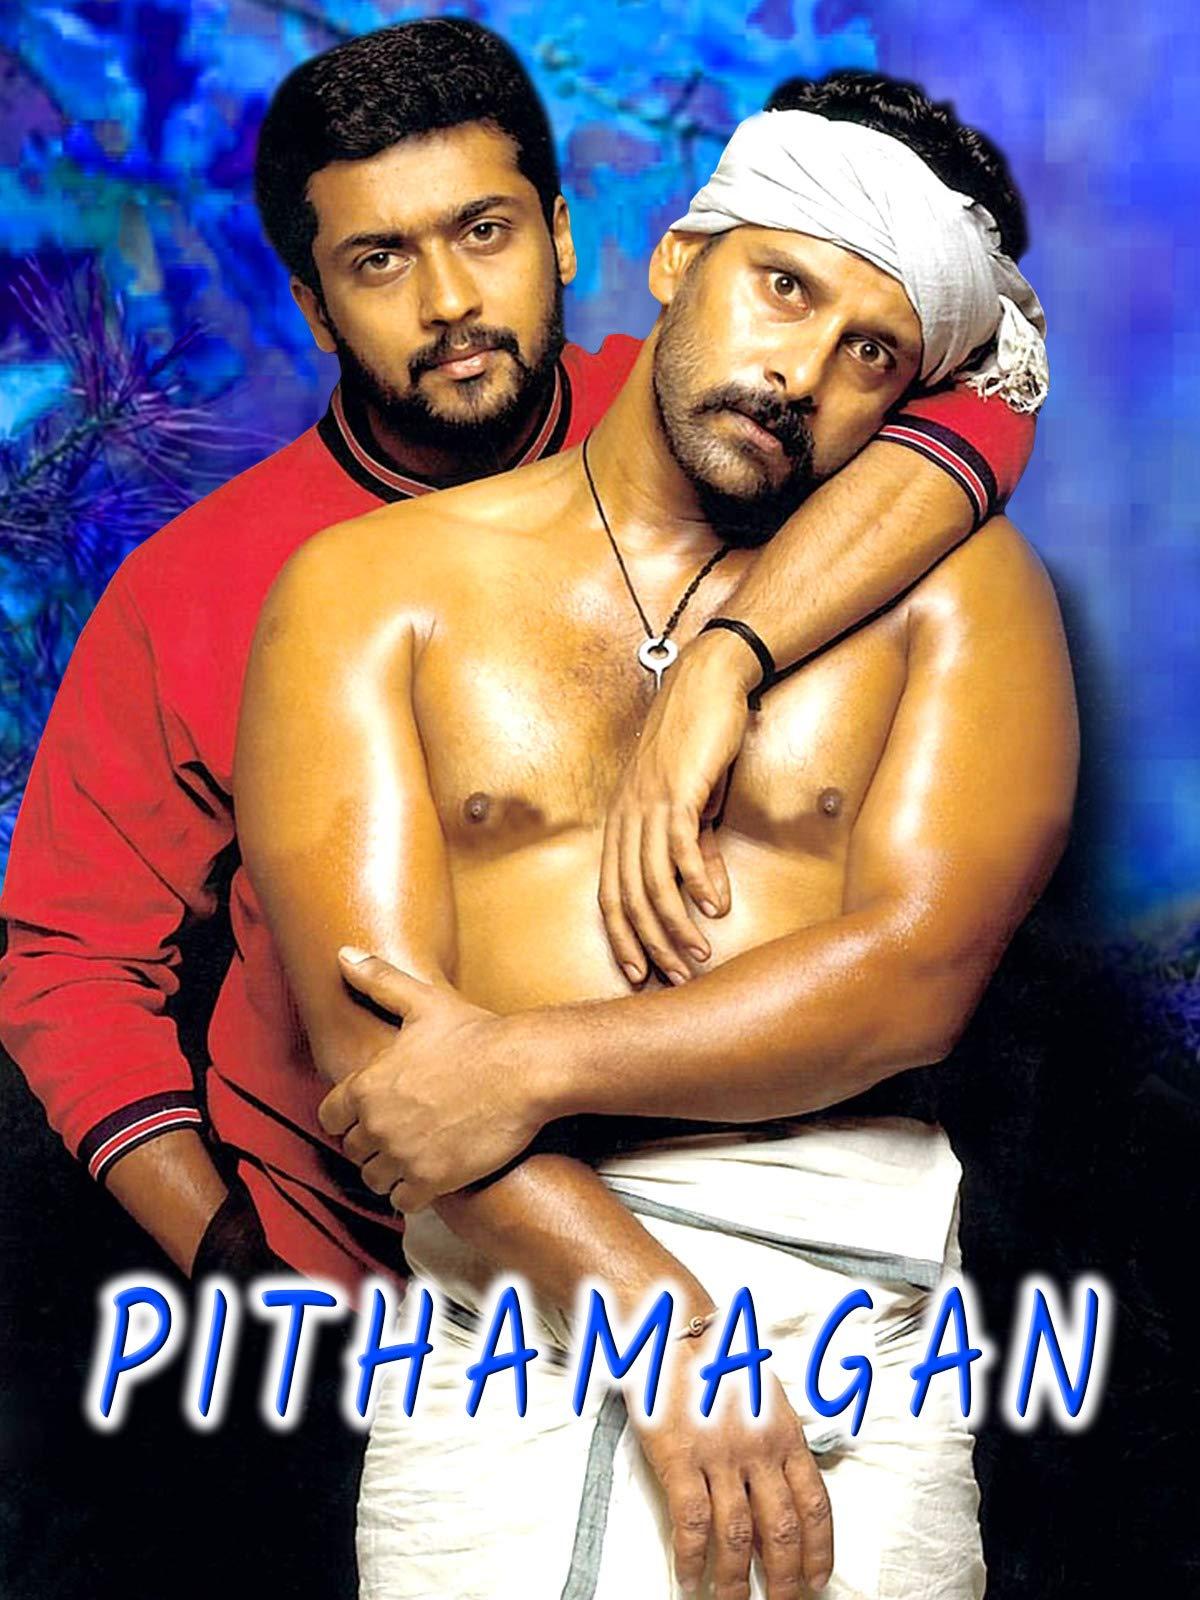 Pithamagan 2020 Hindi Dubbed 400MB HDRip 480p Download